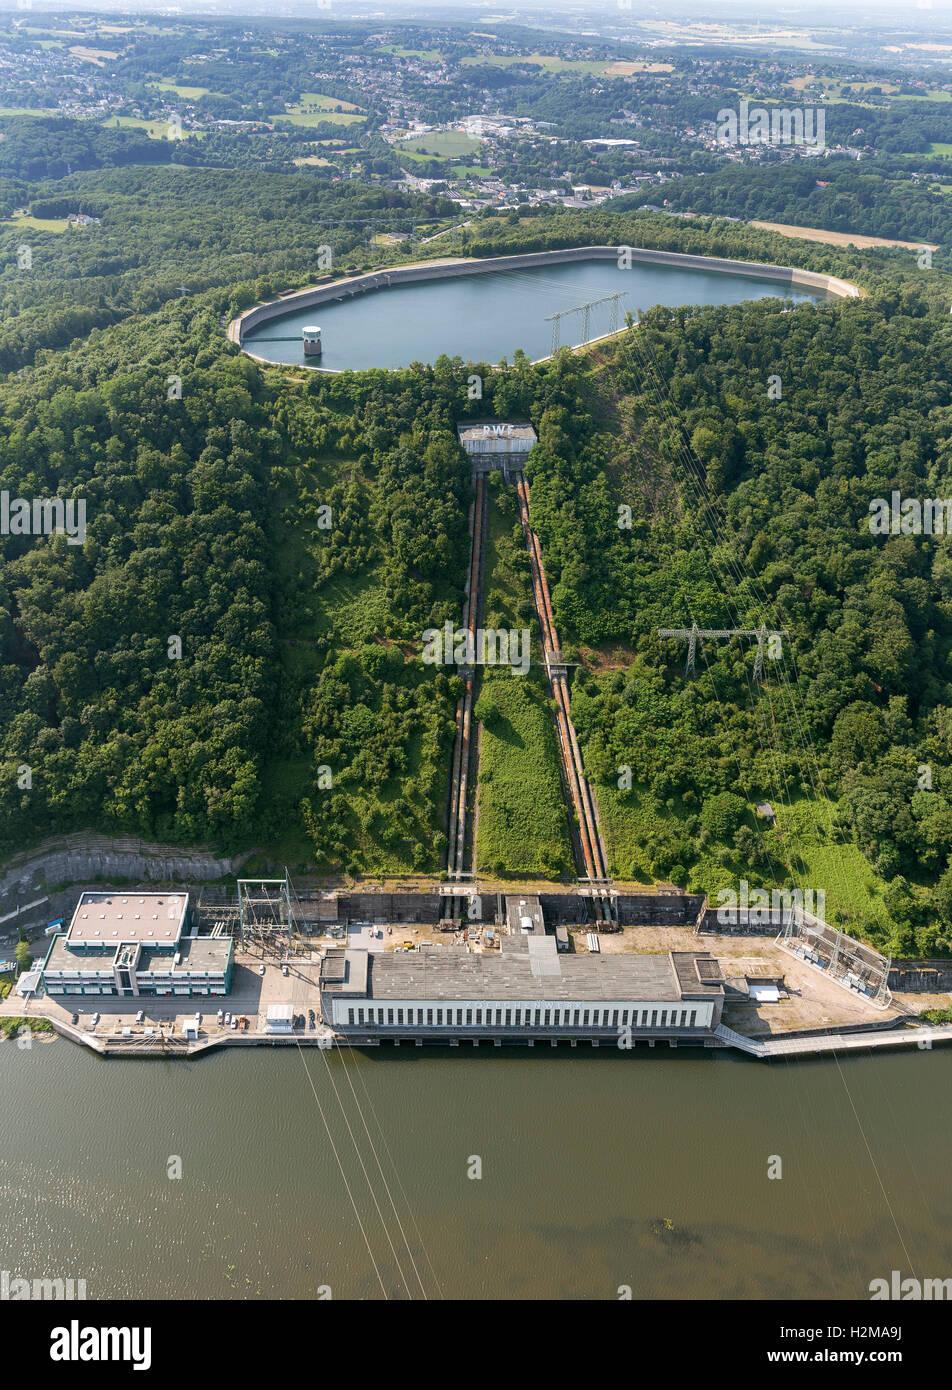 pumped storage hydropower stock photos \u0026 pumped storage hydropoweraerial view, pumped storage power plant koepchenwerk, energy storage, hydropower plant, hengsteysee